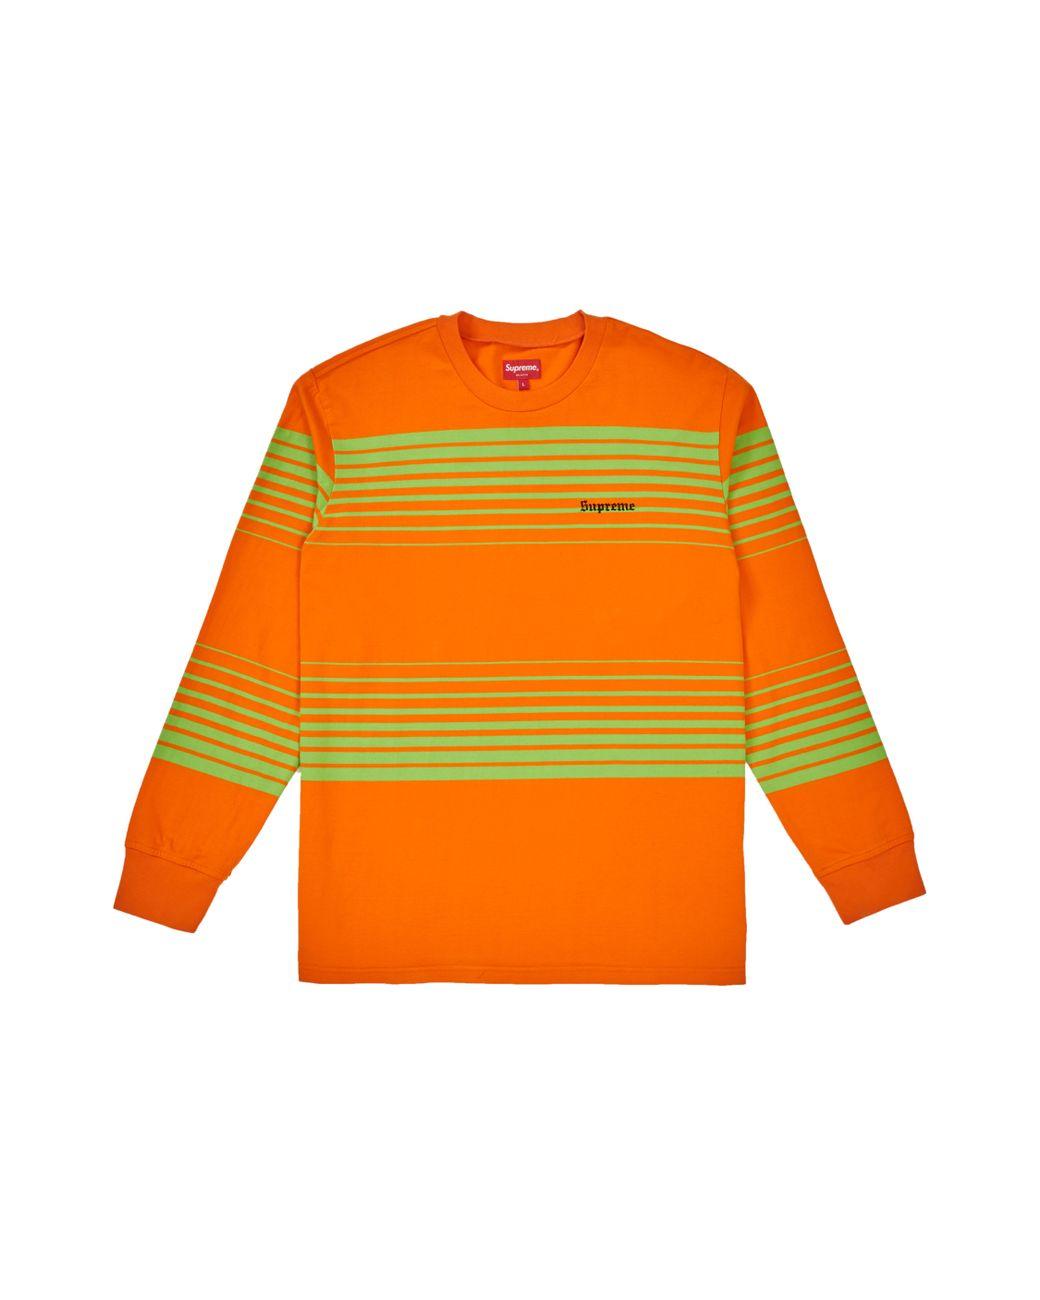 47ec036b5b32 Lyst - Supreme Fade Stripe L/s Top Orange in Orange for Men